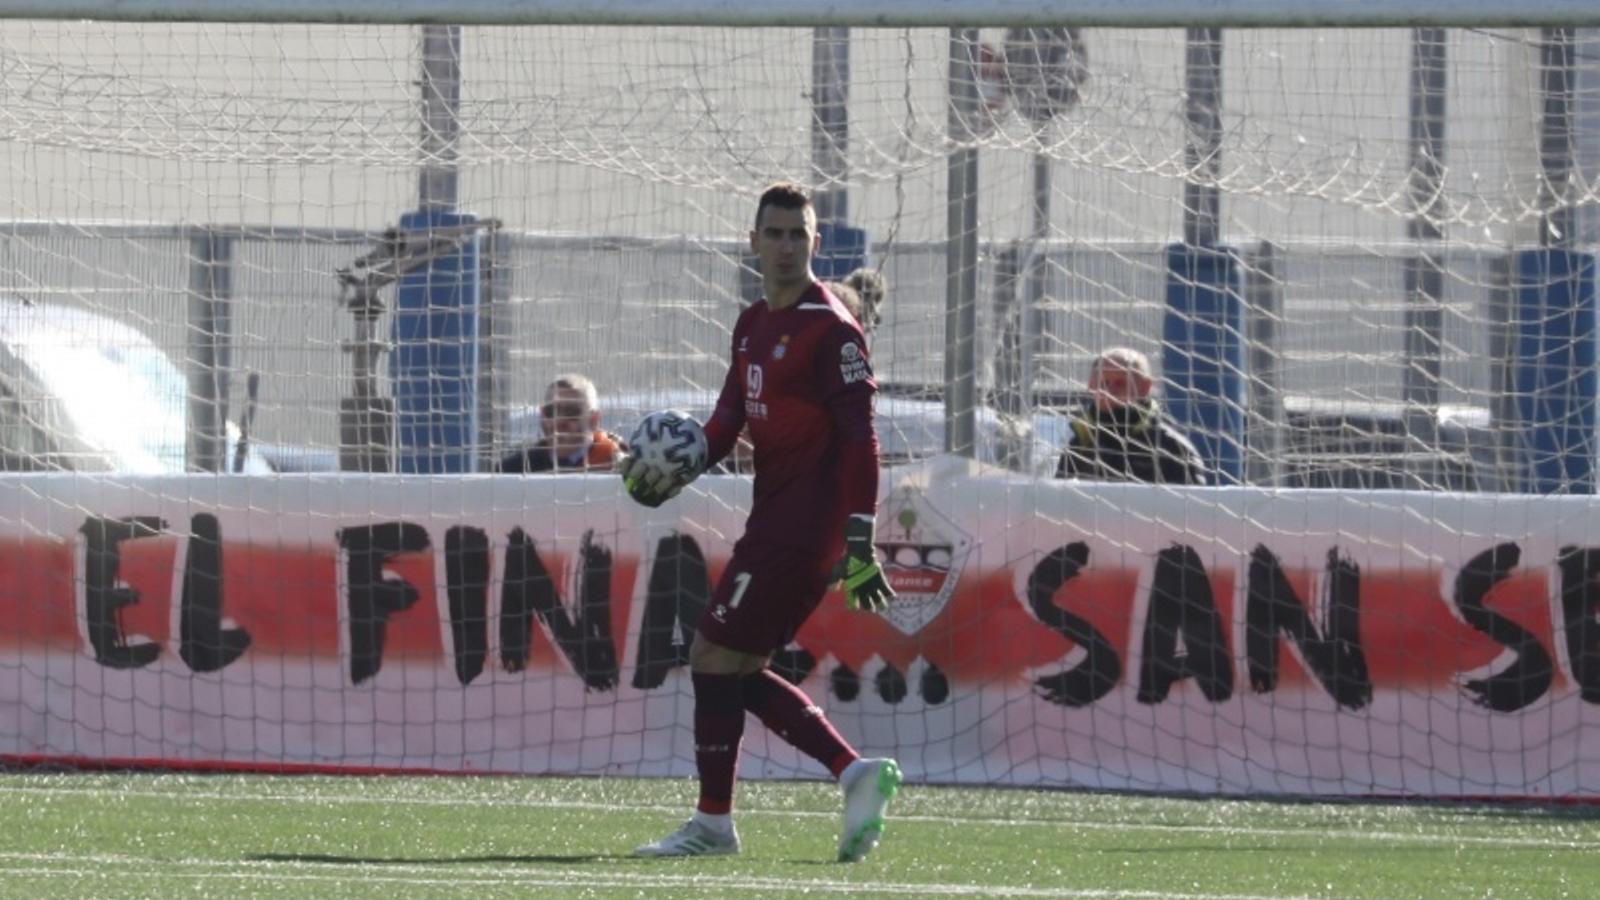 Andrés Prieto és el porter titular de l'Espanyol a la Copa del Rei d'aquesta temporada